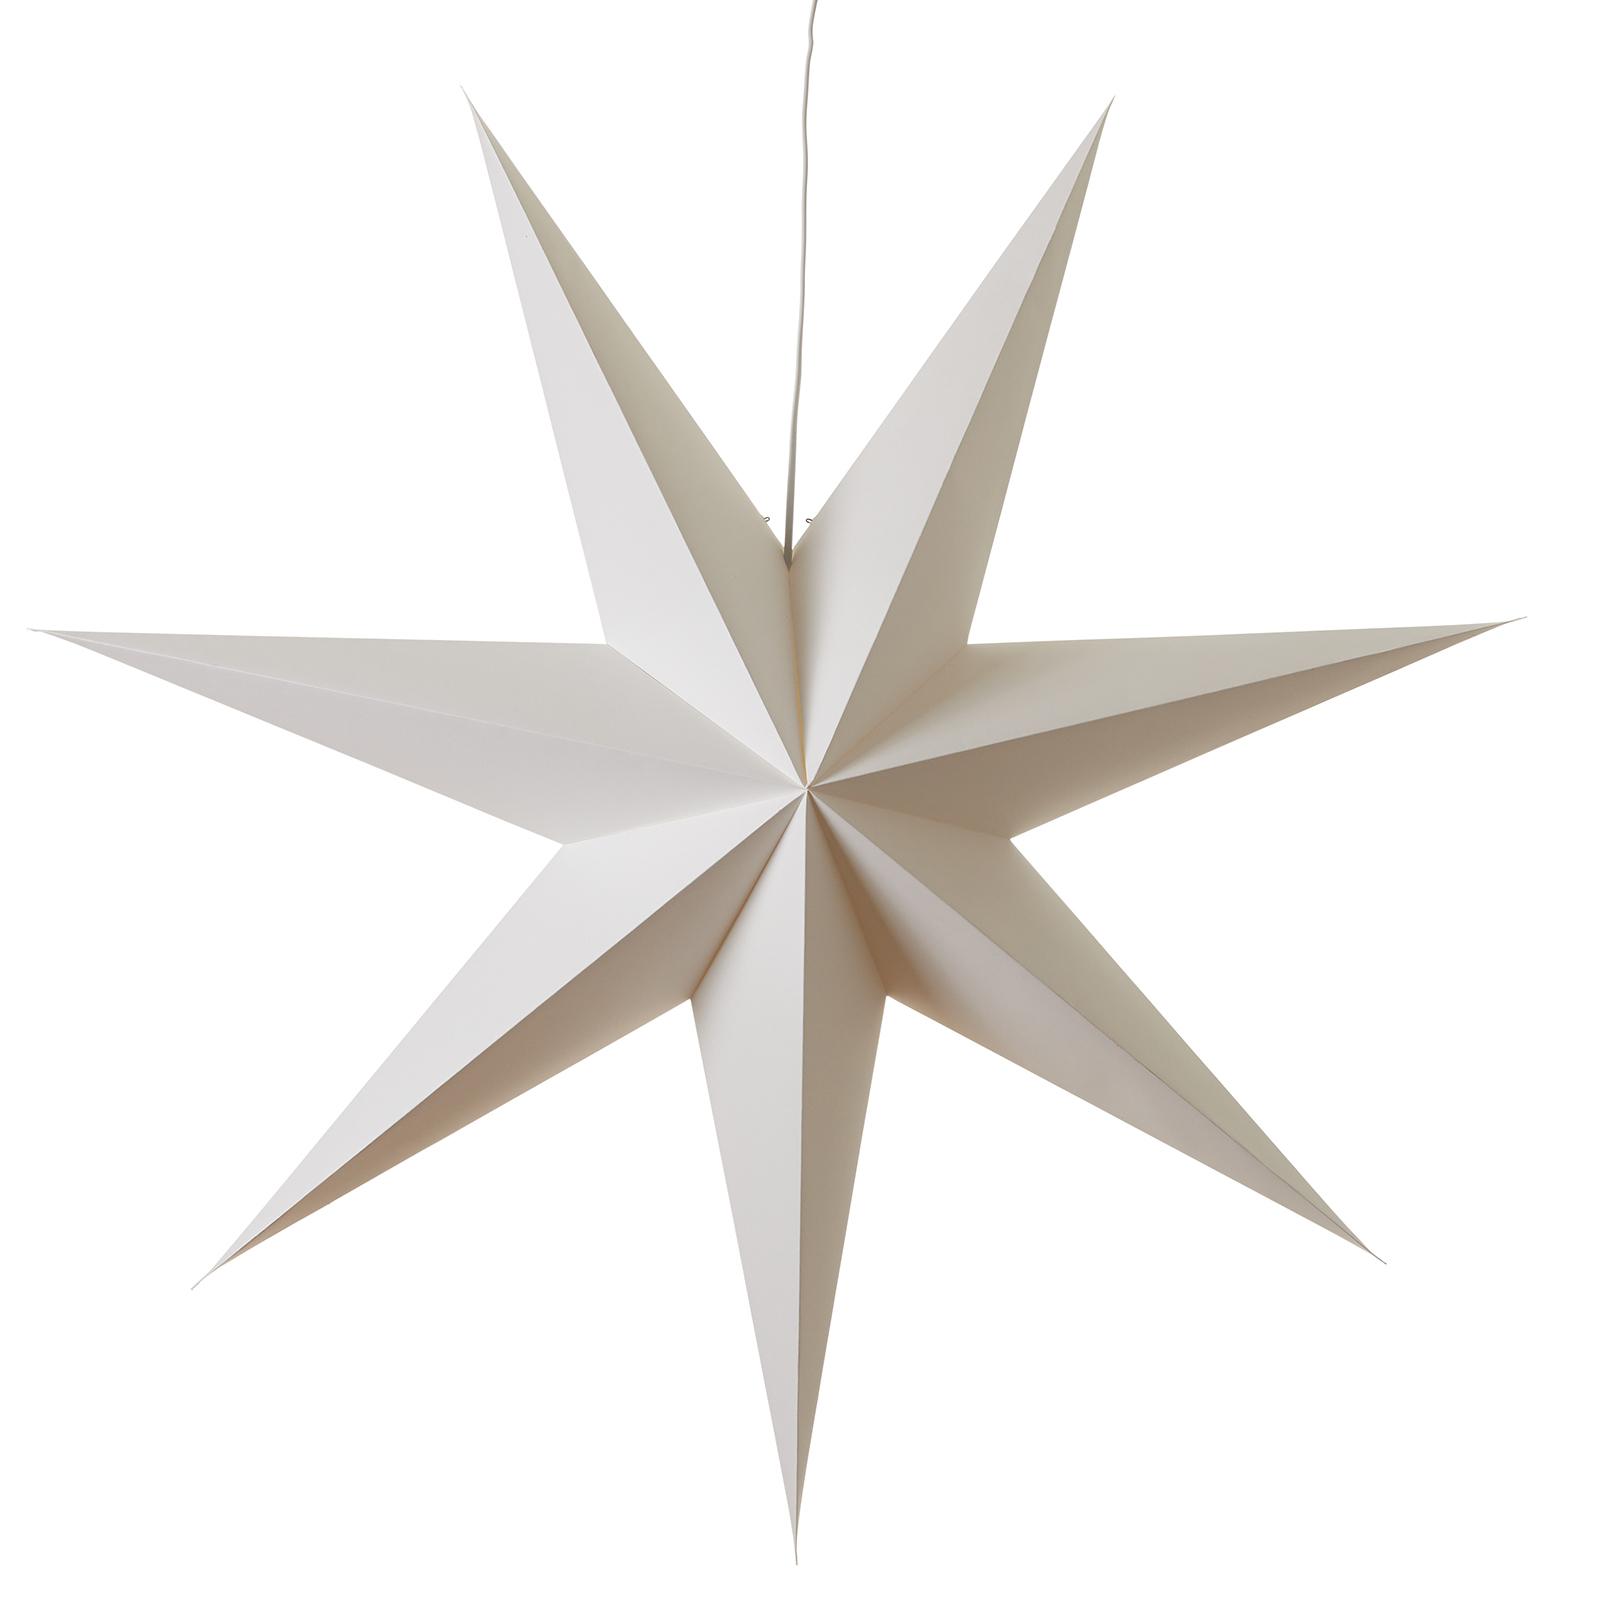 Papierstern Duva zum Hängen, 100 cm